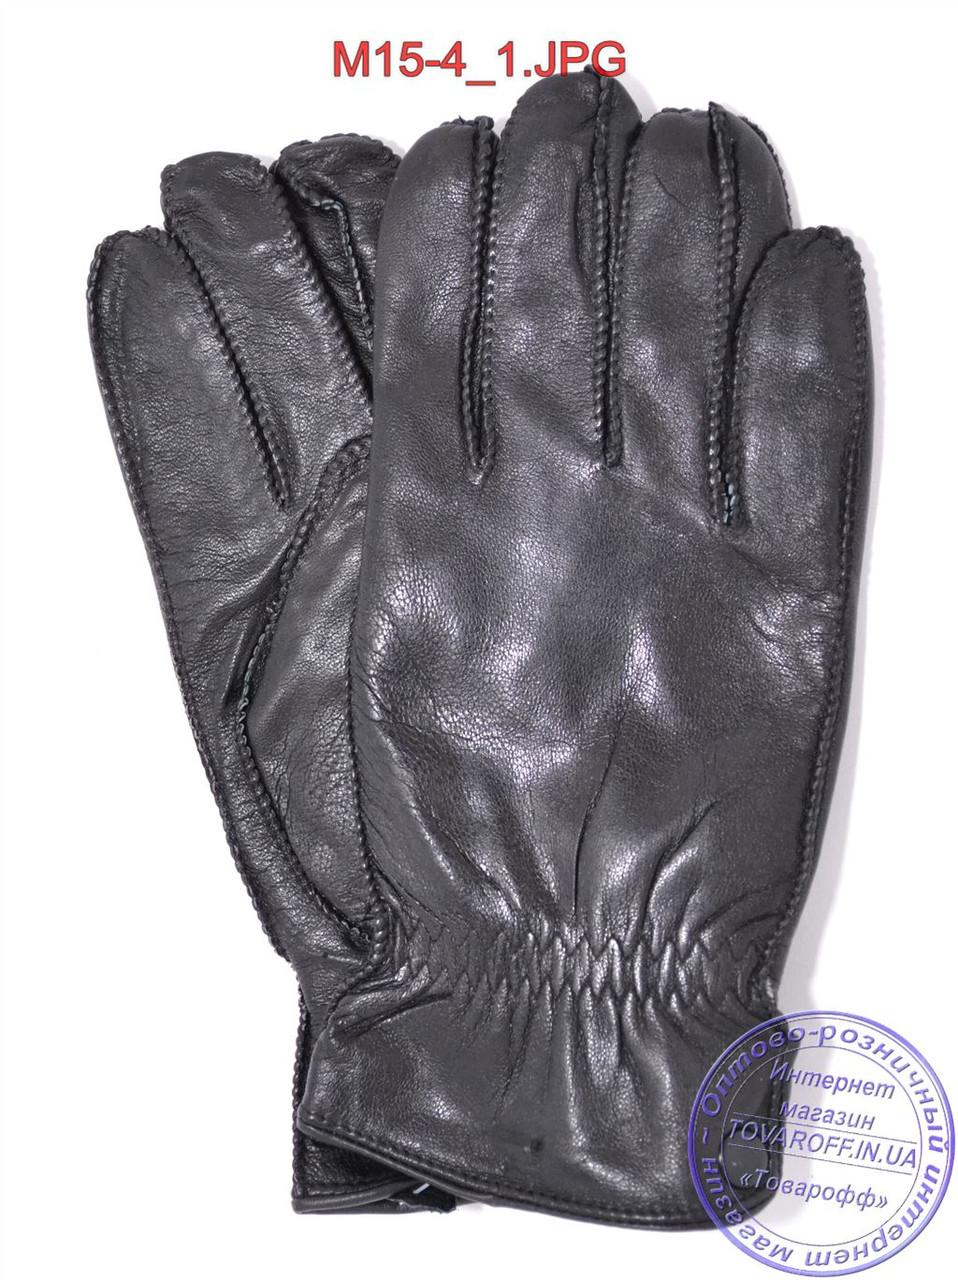 Мужские кожаные перчатки с махровой подкладкой (наружный шов) - №M15-4